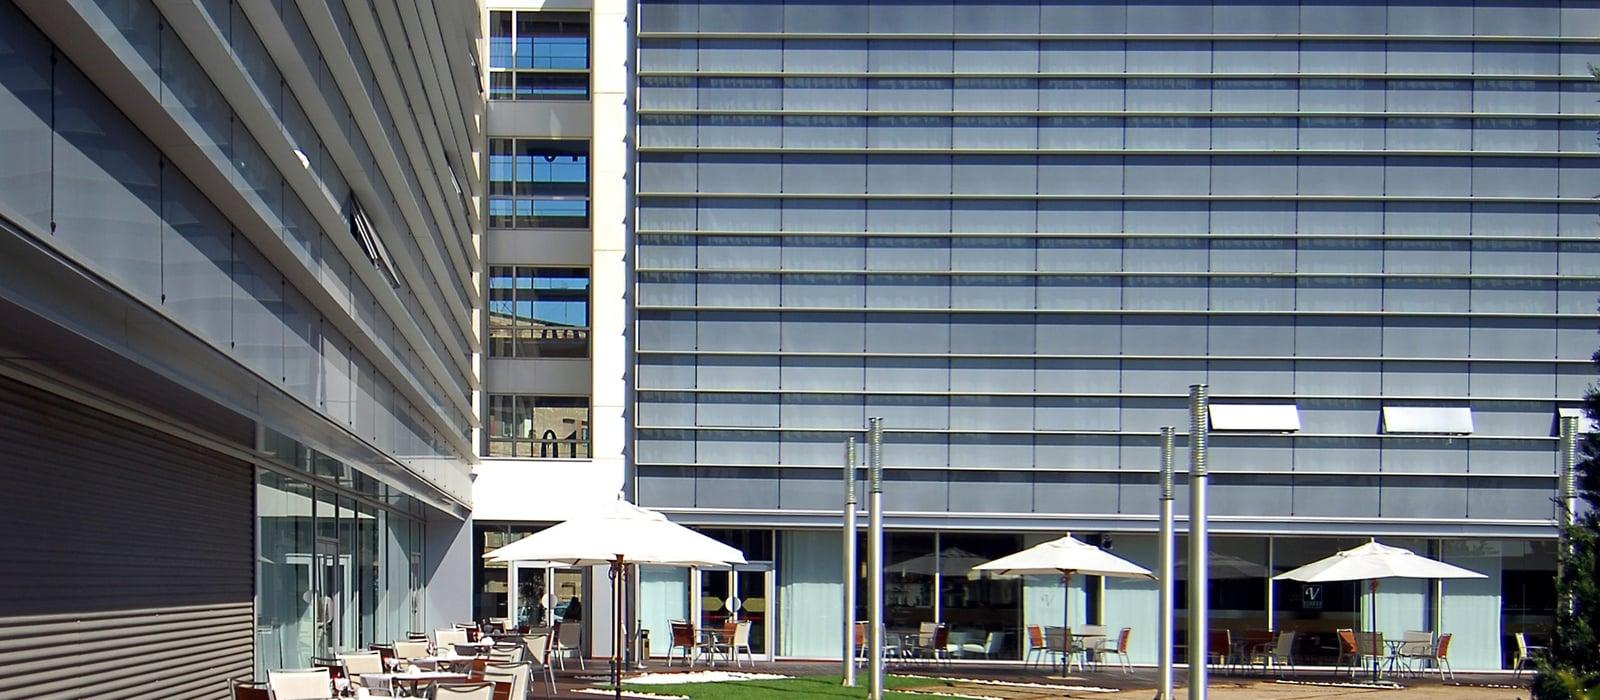 Angebote Hotel Vincci Barcelona Maritime - Bei 4 Übernachtungen sparen Si